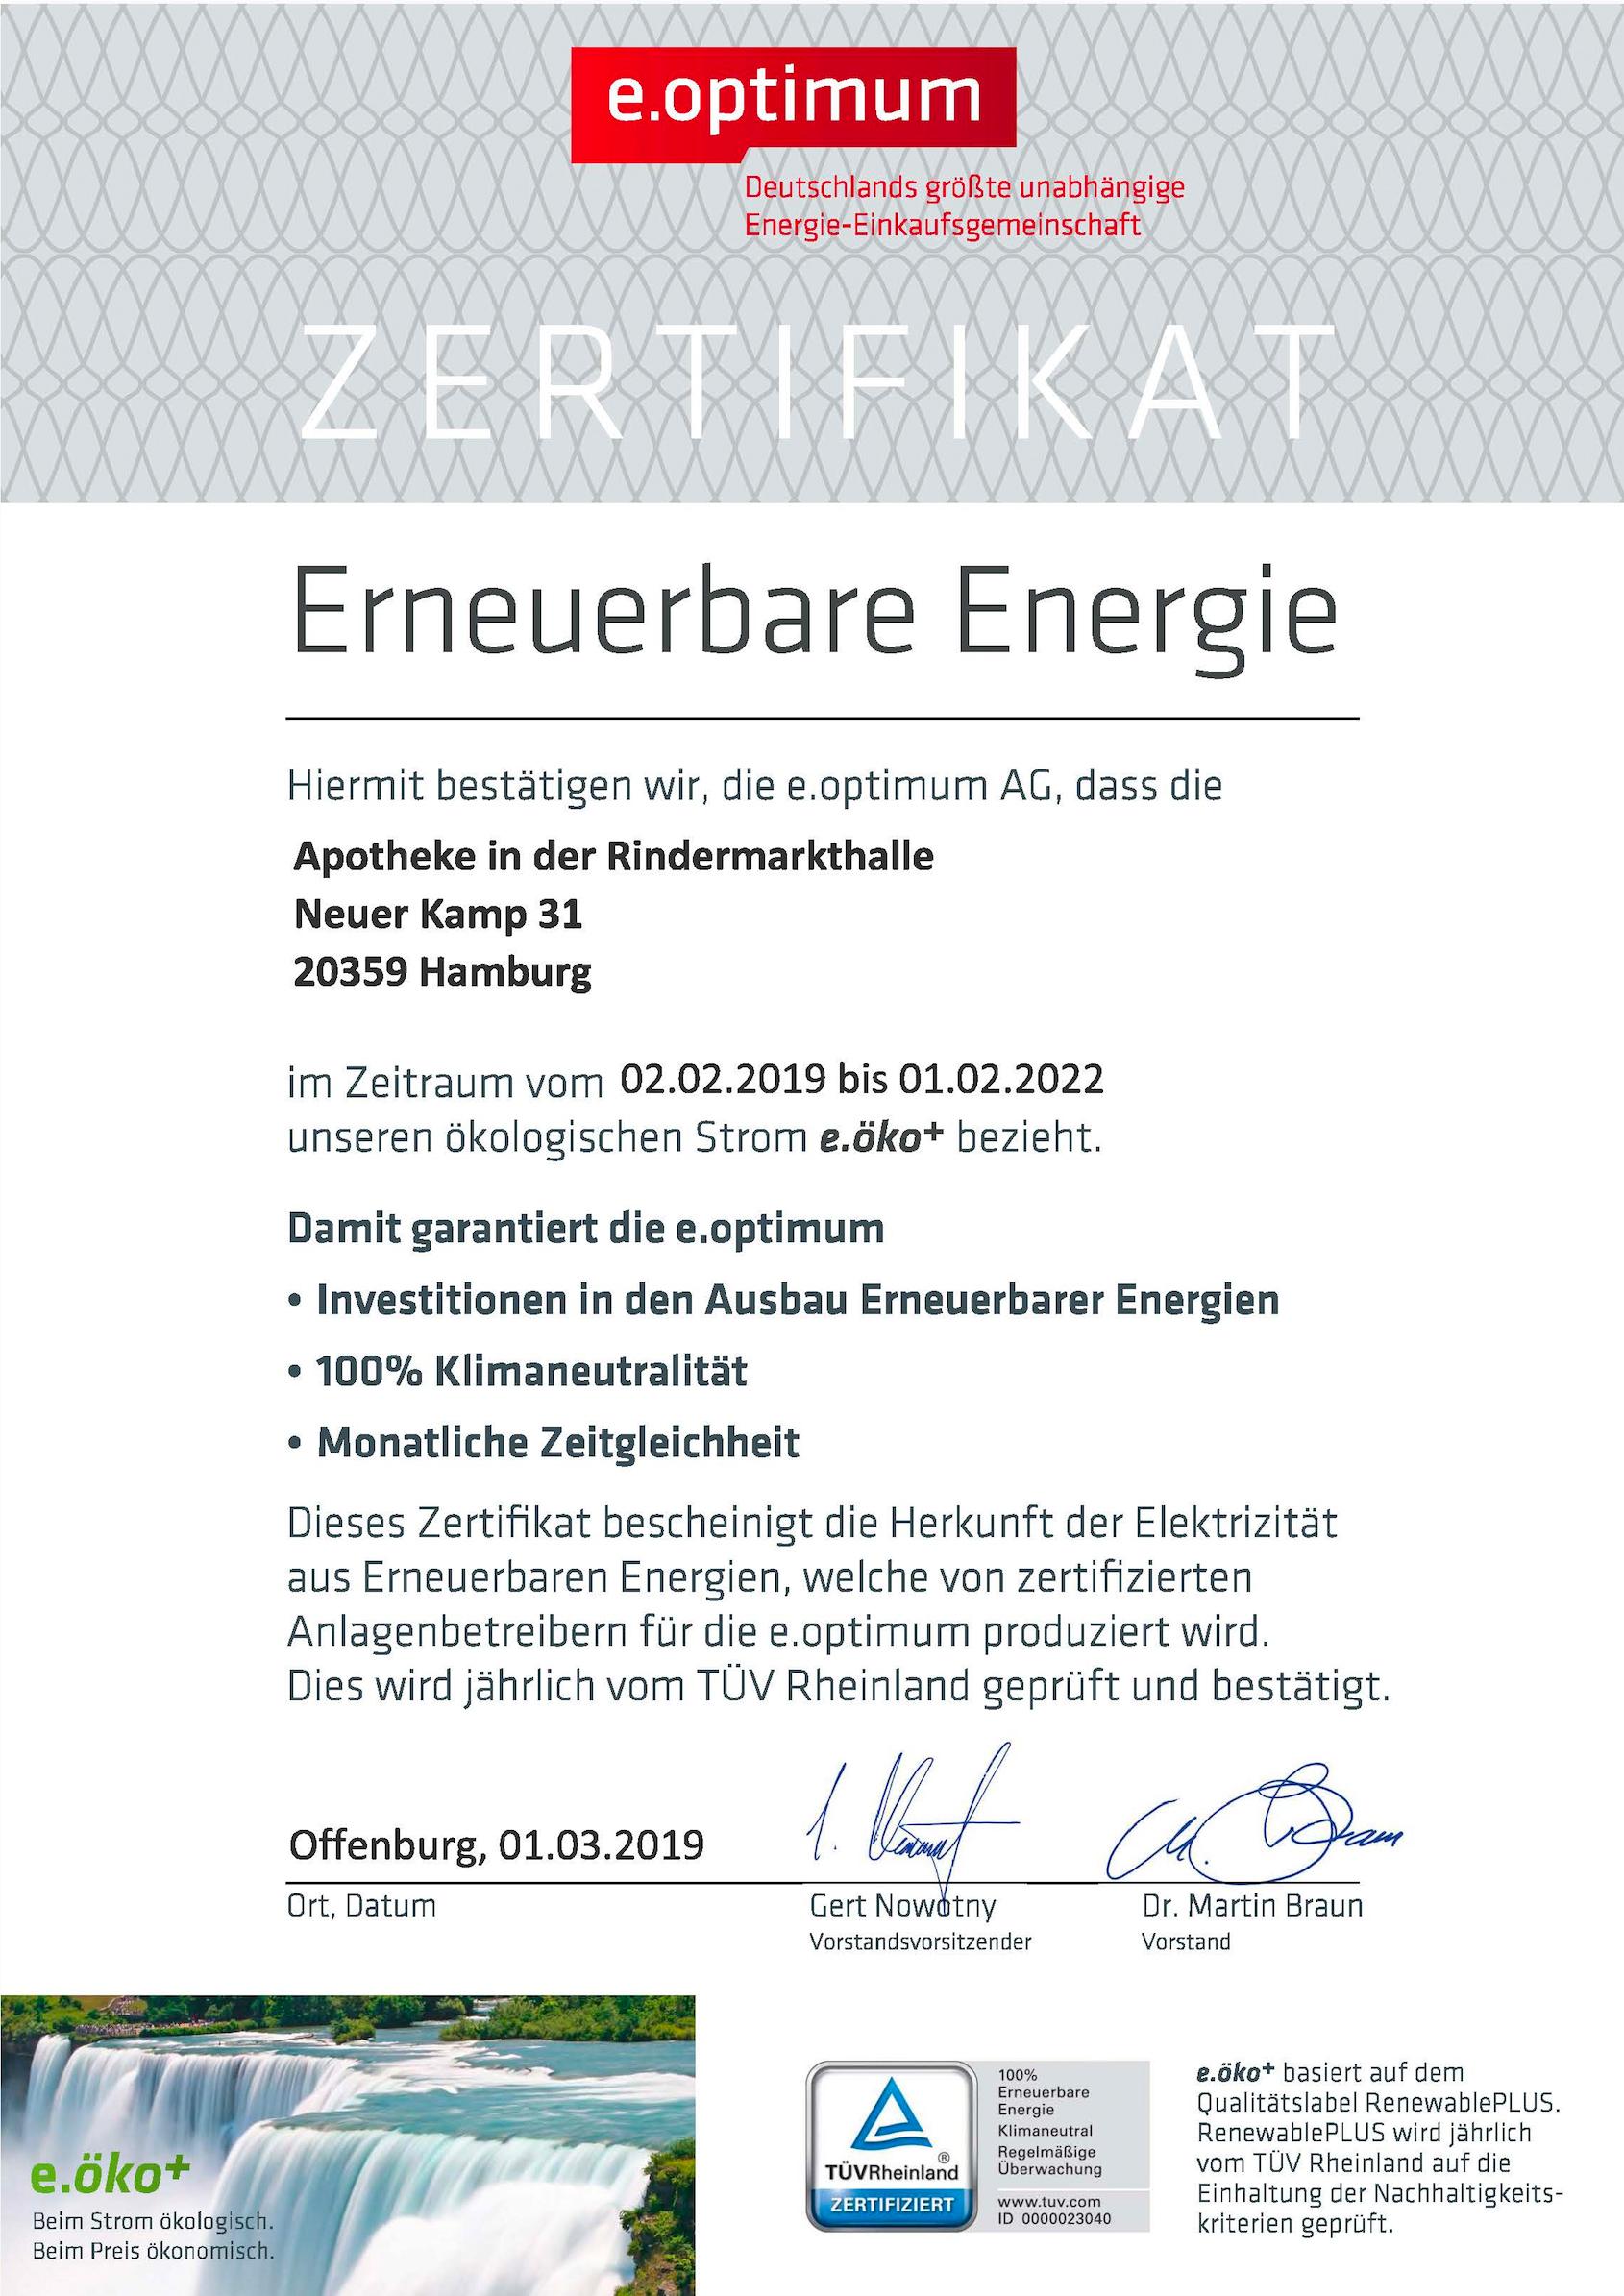 Zertifikat für Erneuerbare Energie der e.optimum